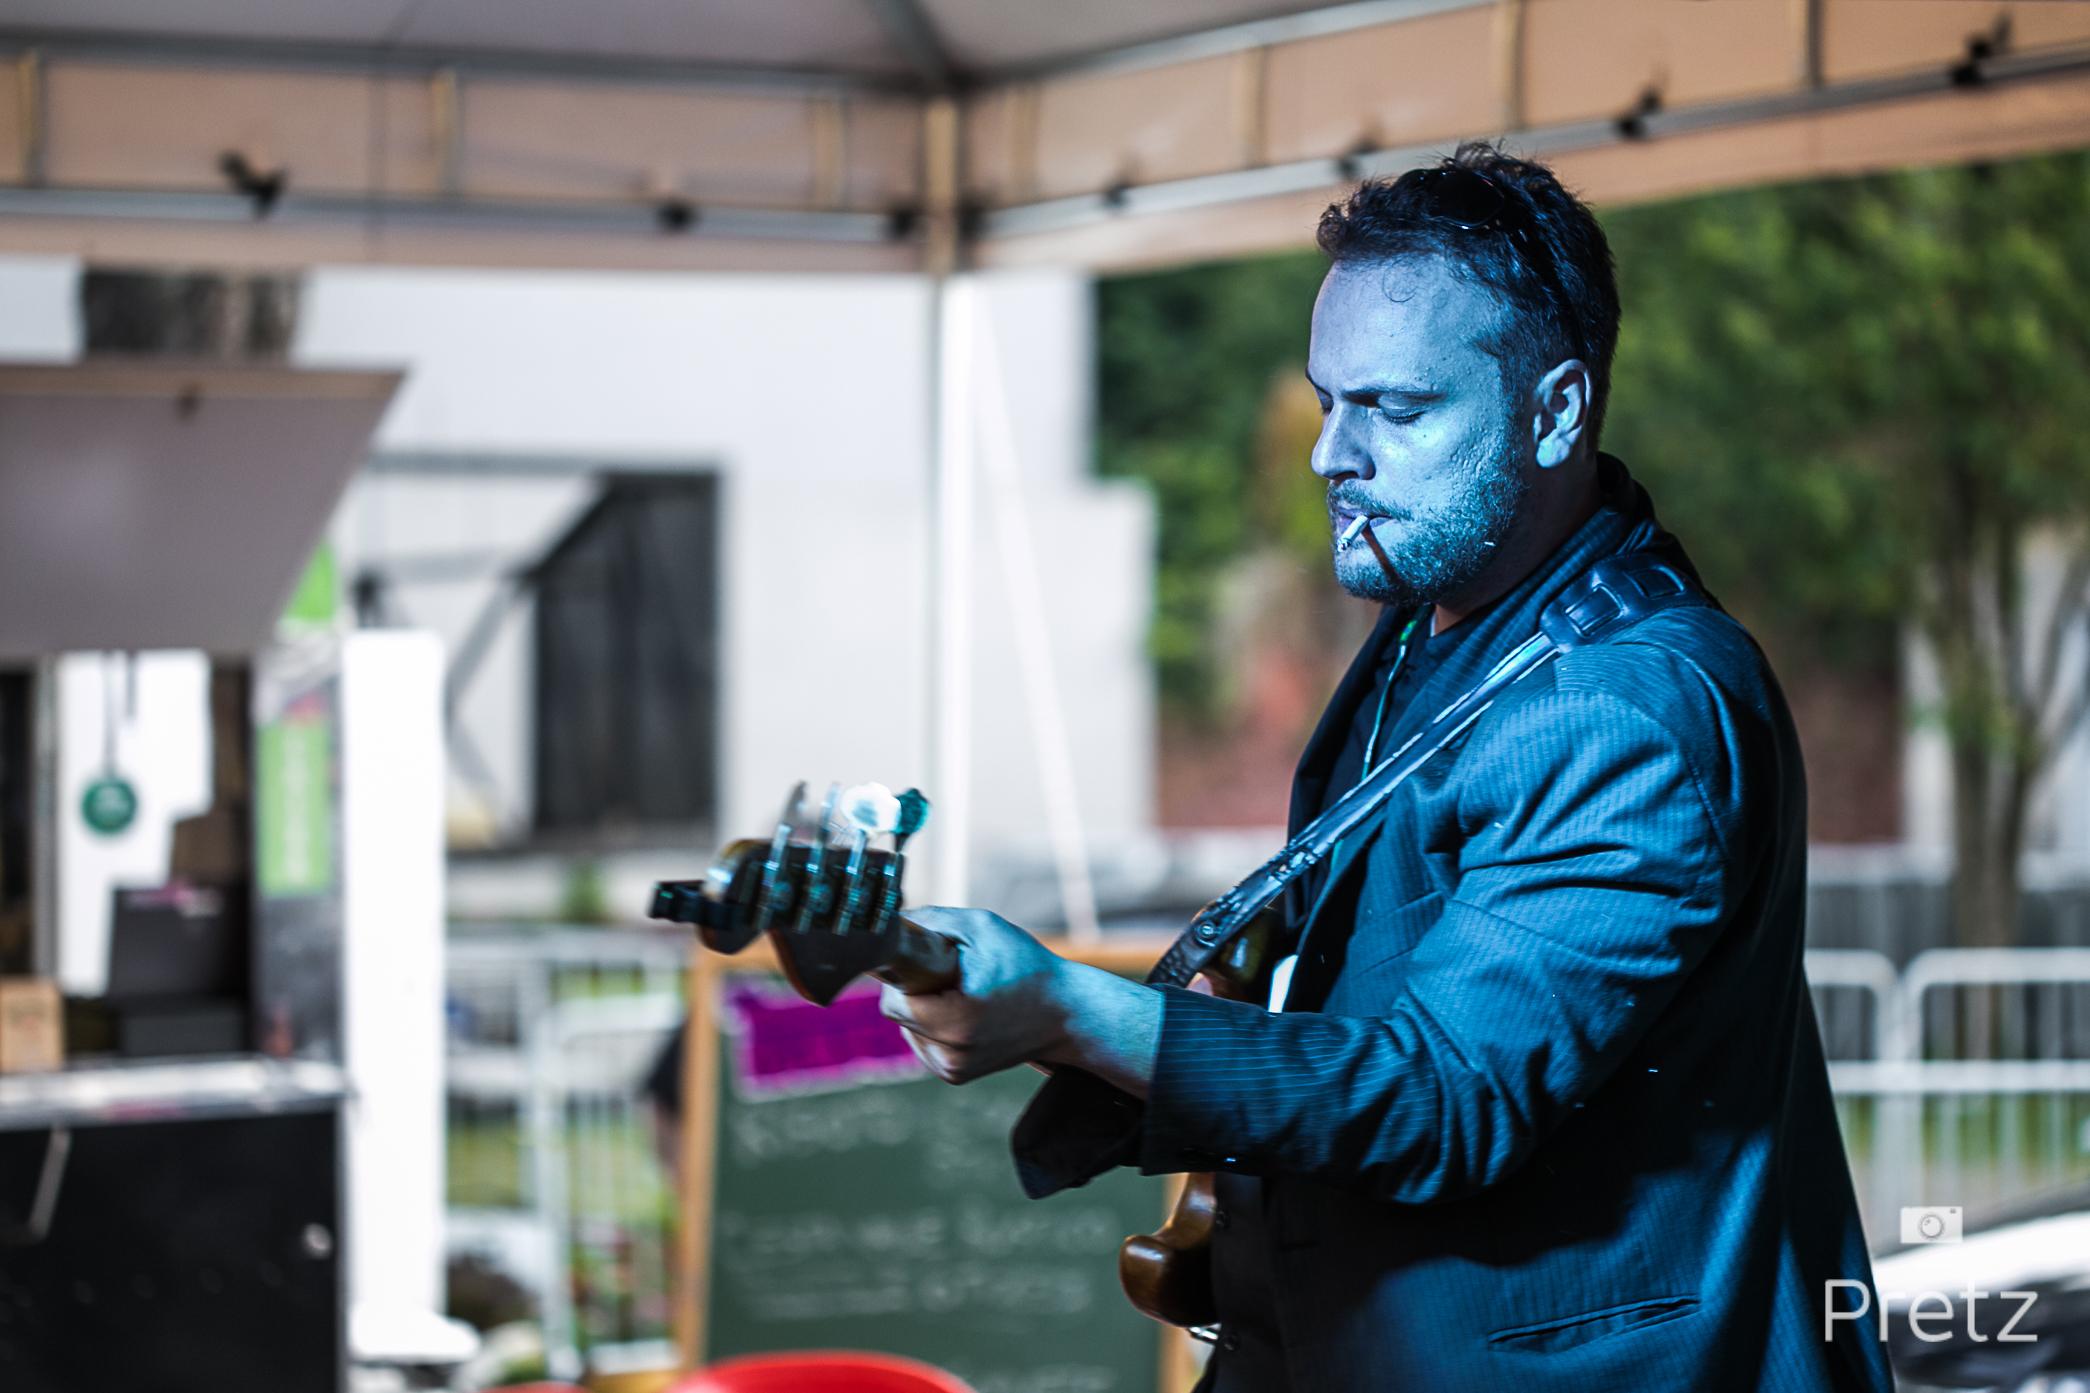 Foto de Paulo Pretz do baixista Sergio Selbach